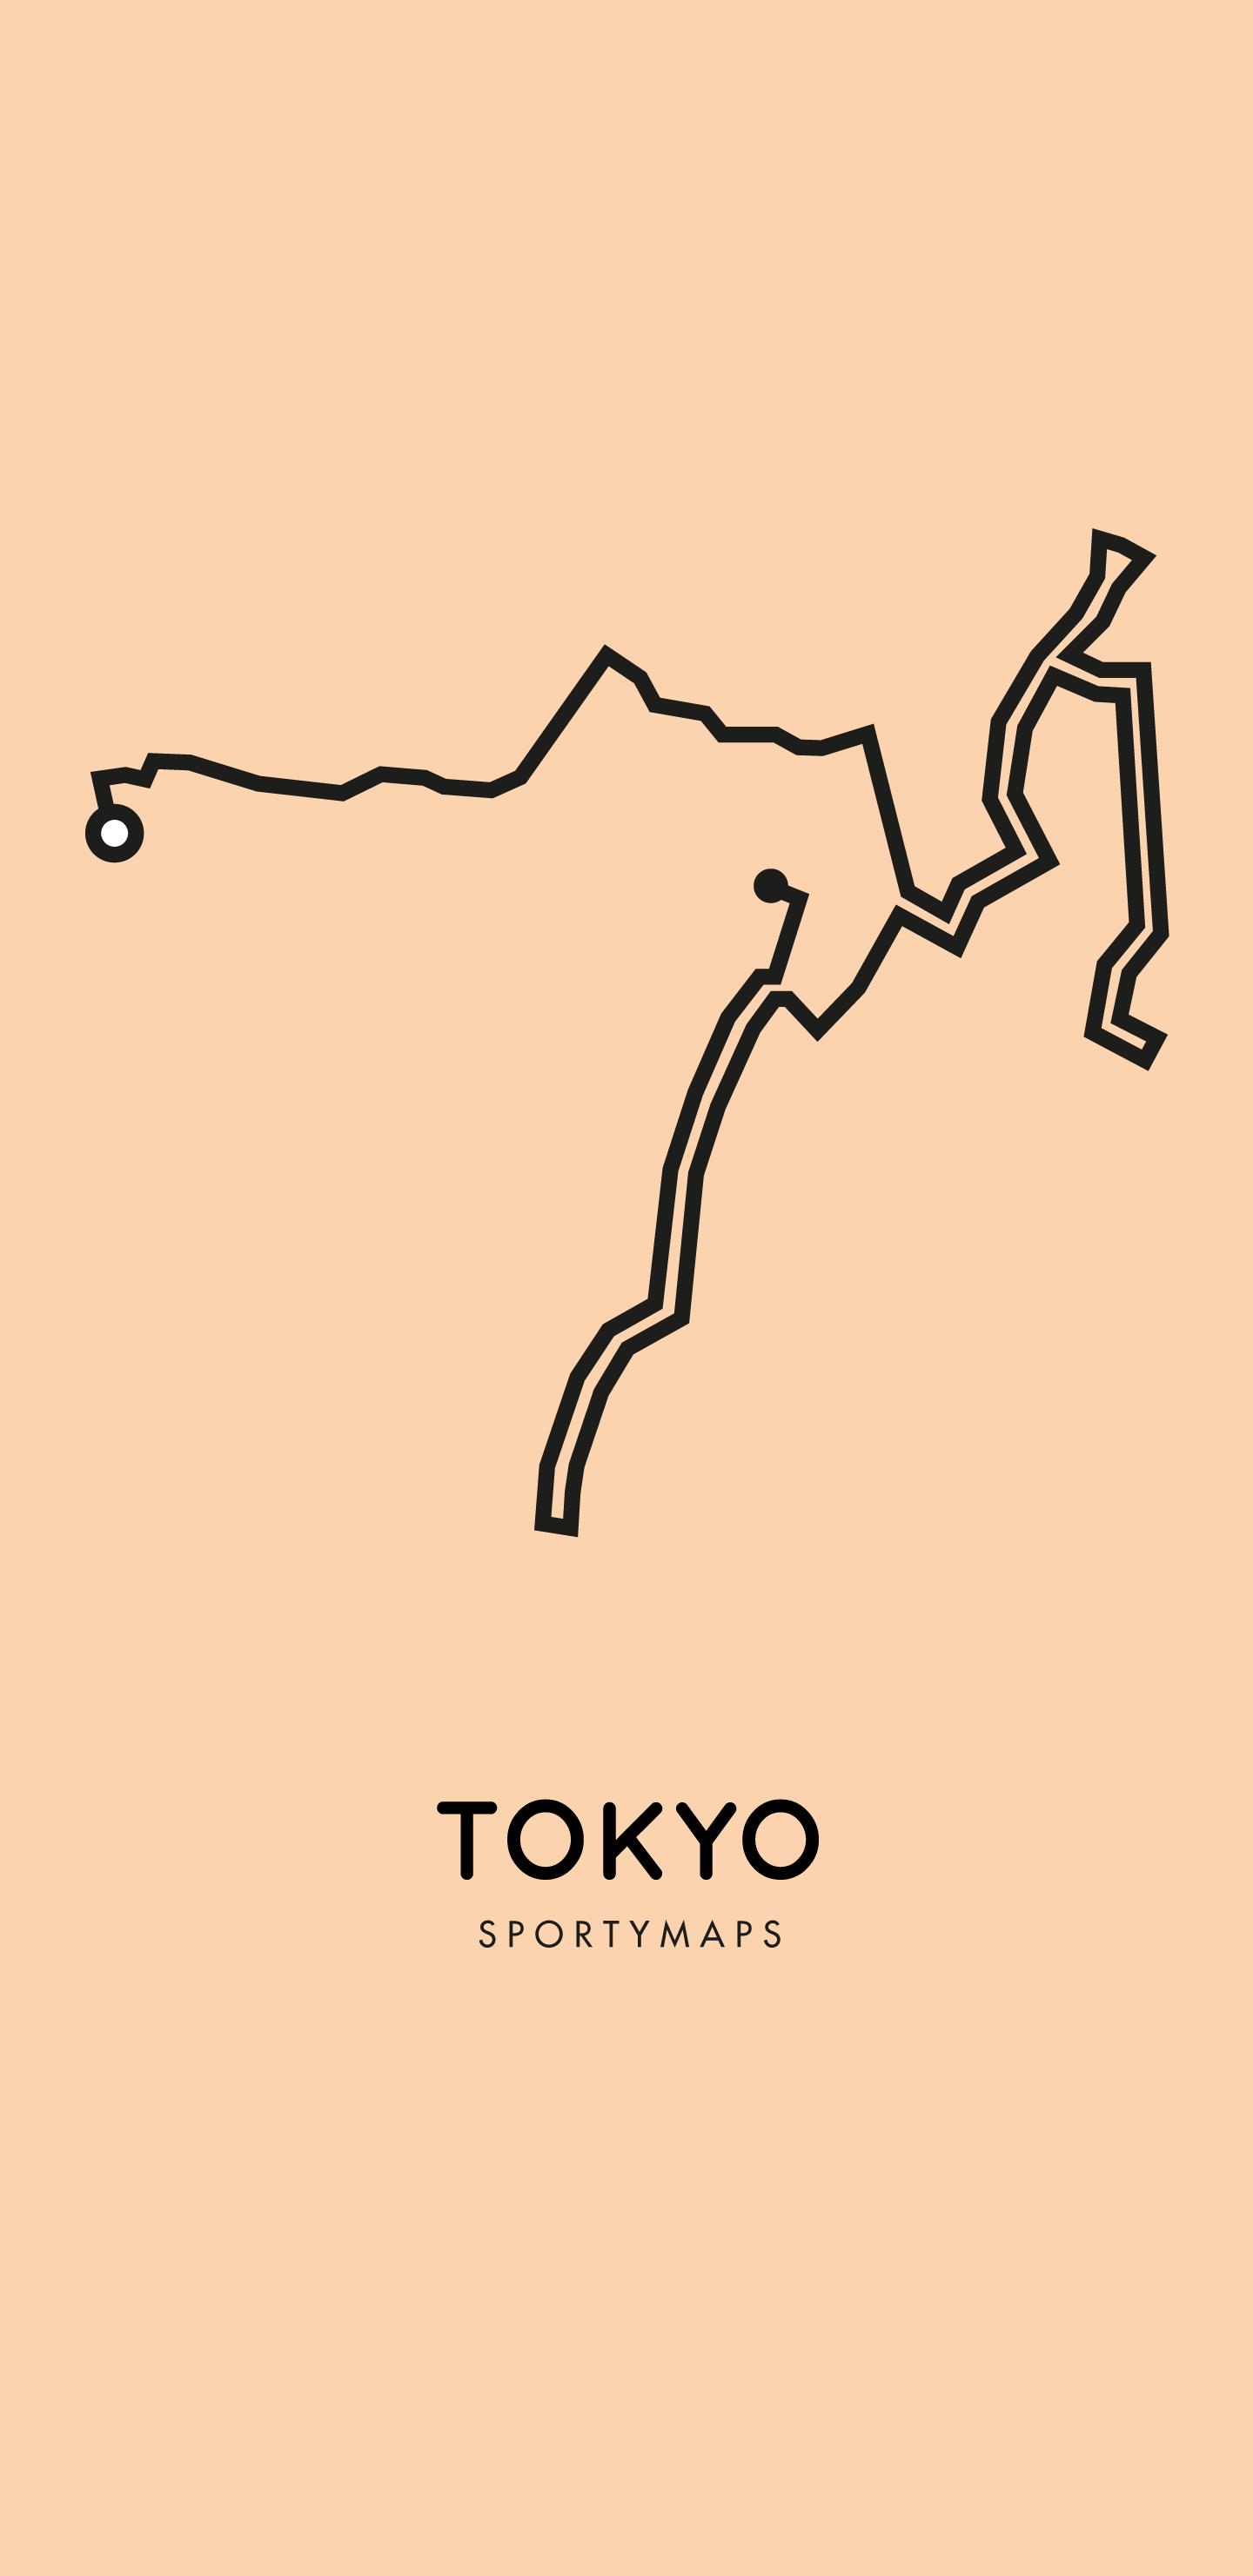 Sportymaps-Tokyo-marathon-orange